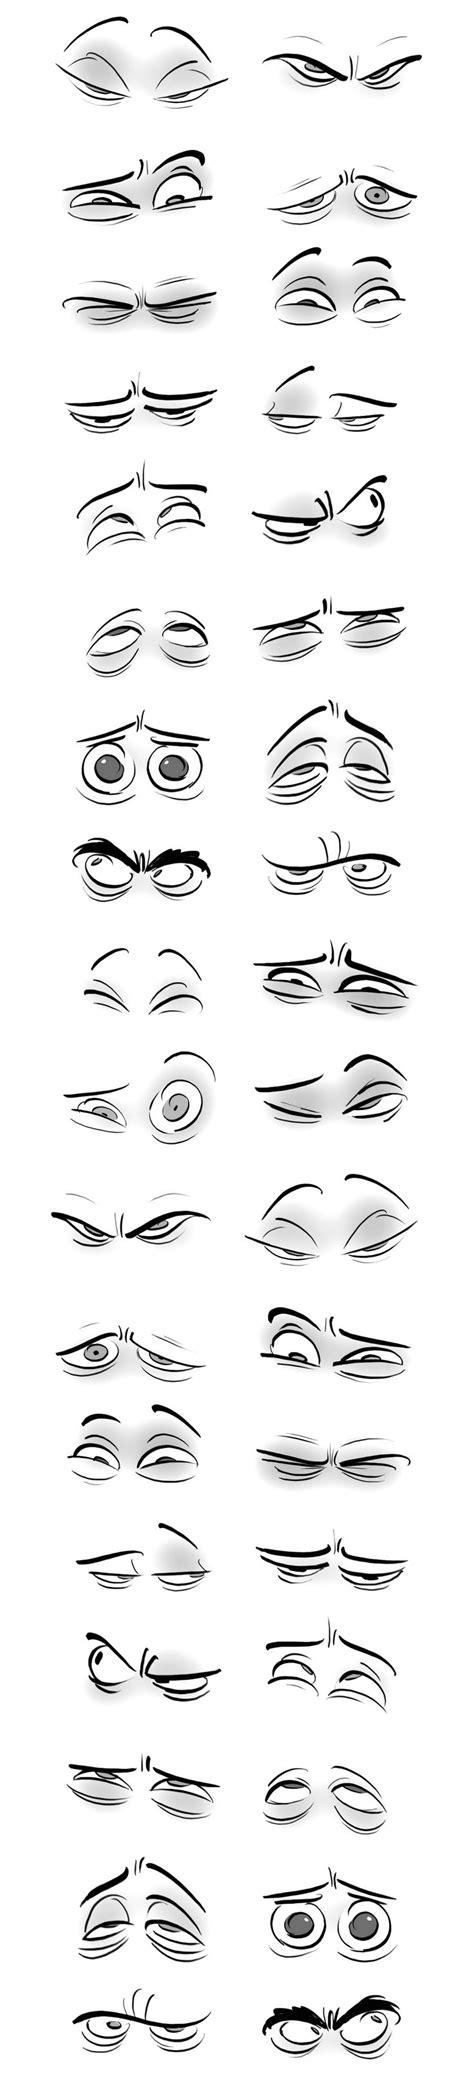 best 25 drawings ideas on